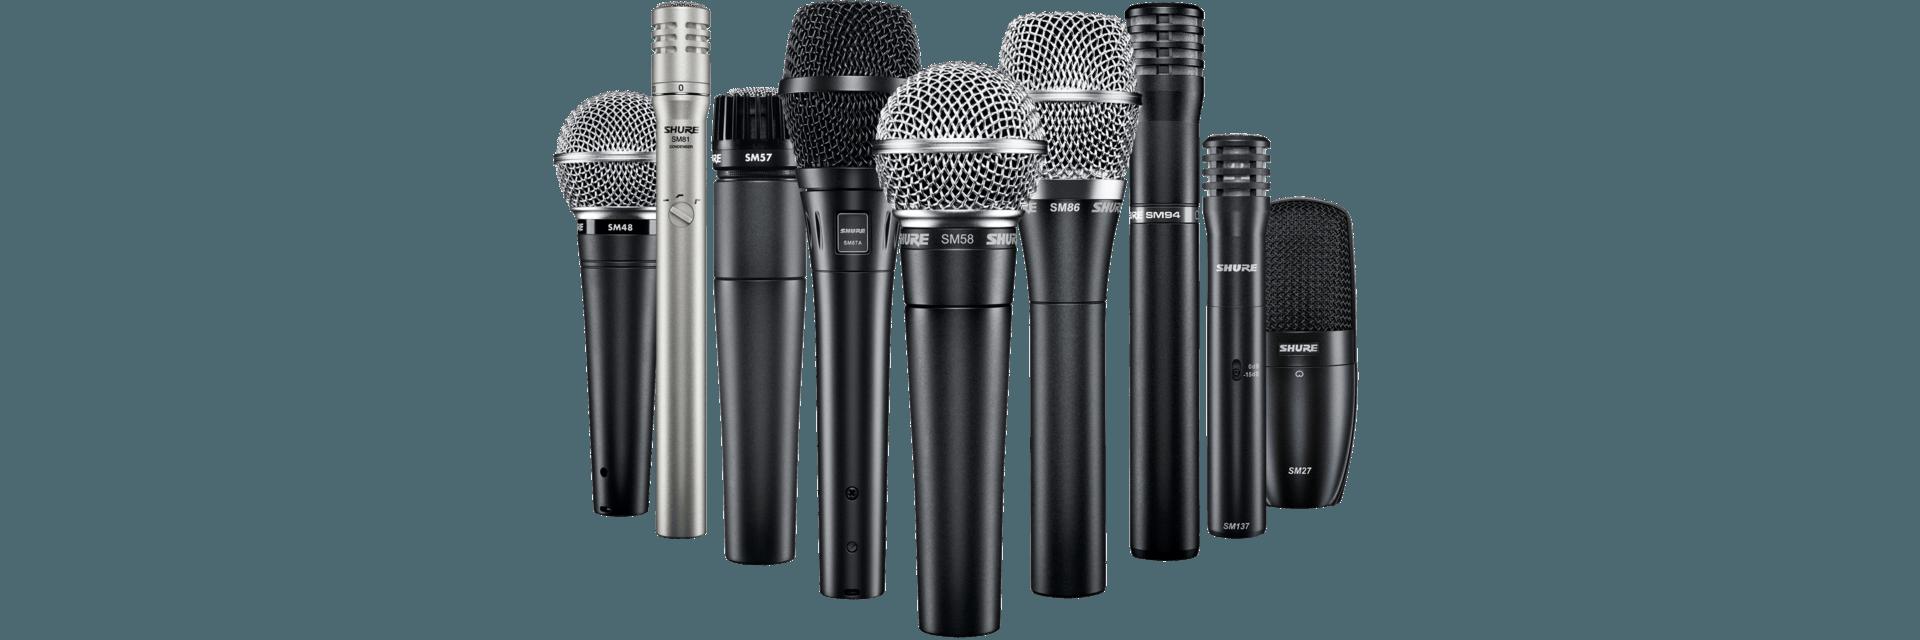 jak wyczyścić mikrofon